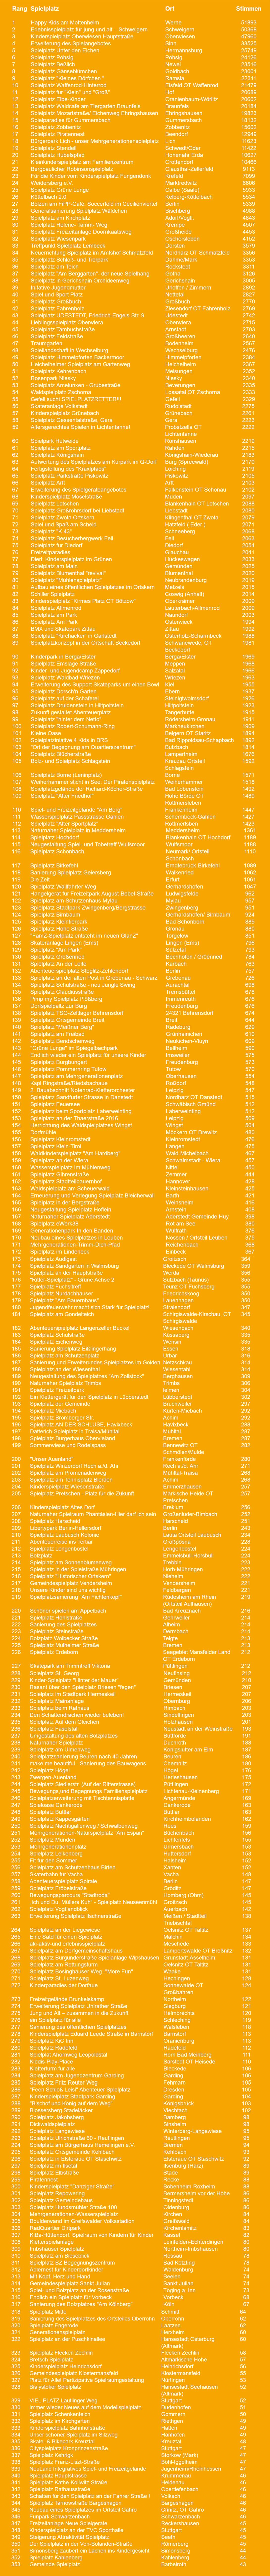 150803_Fanta_FSI_Ranking